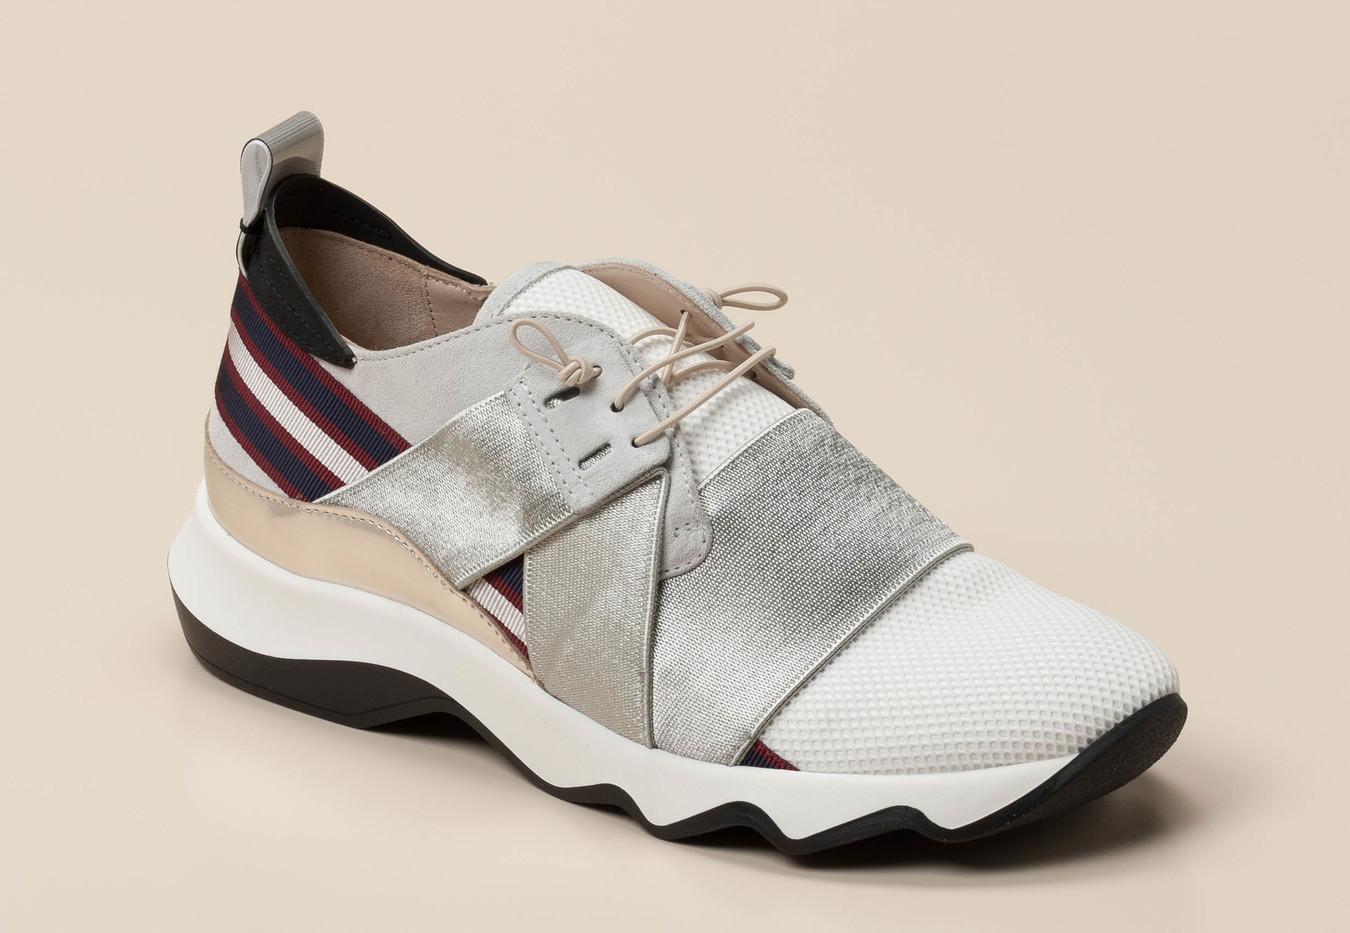 Carolina Online Donna Damen In KaufenZumnorde Shop Sneaker Weiß w08nXOPk